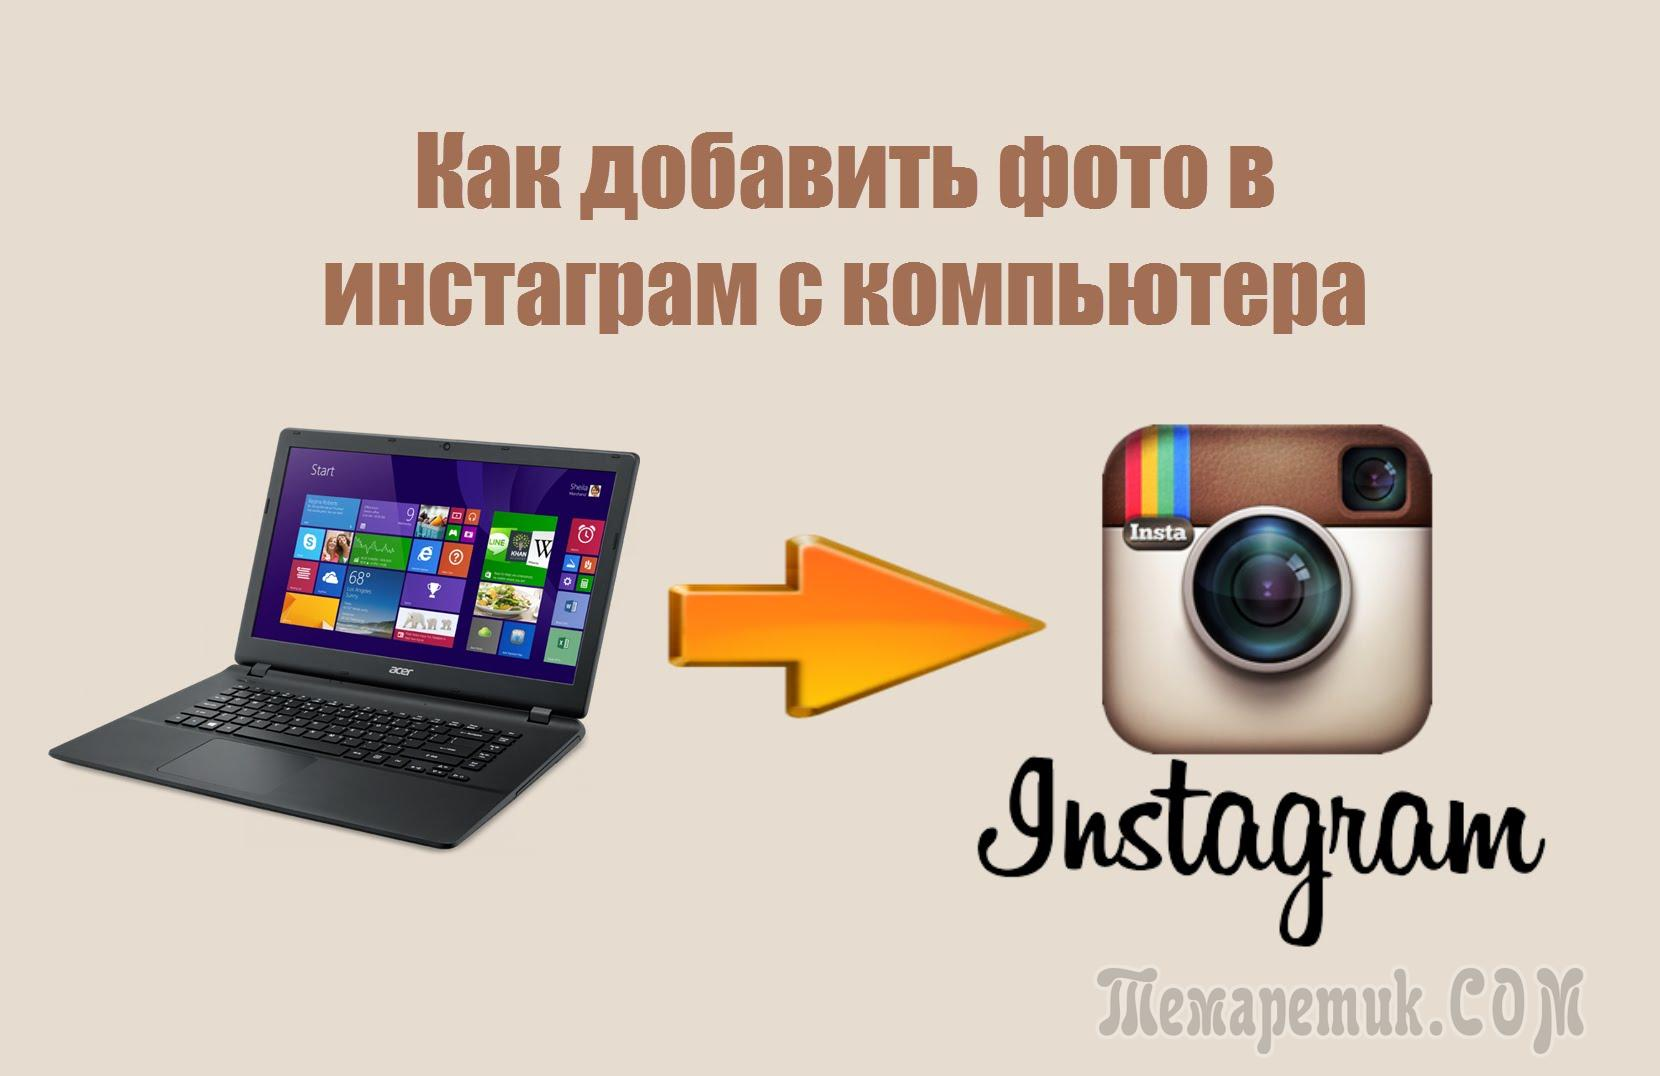 Как открыть карту фото в инстаграме сети легко